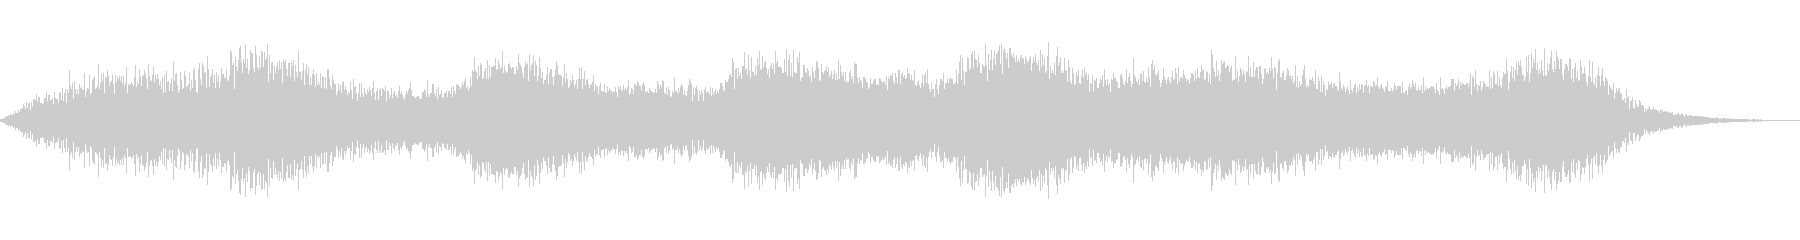 スピリットワークショップ2の未再生の波形